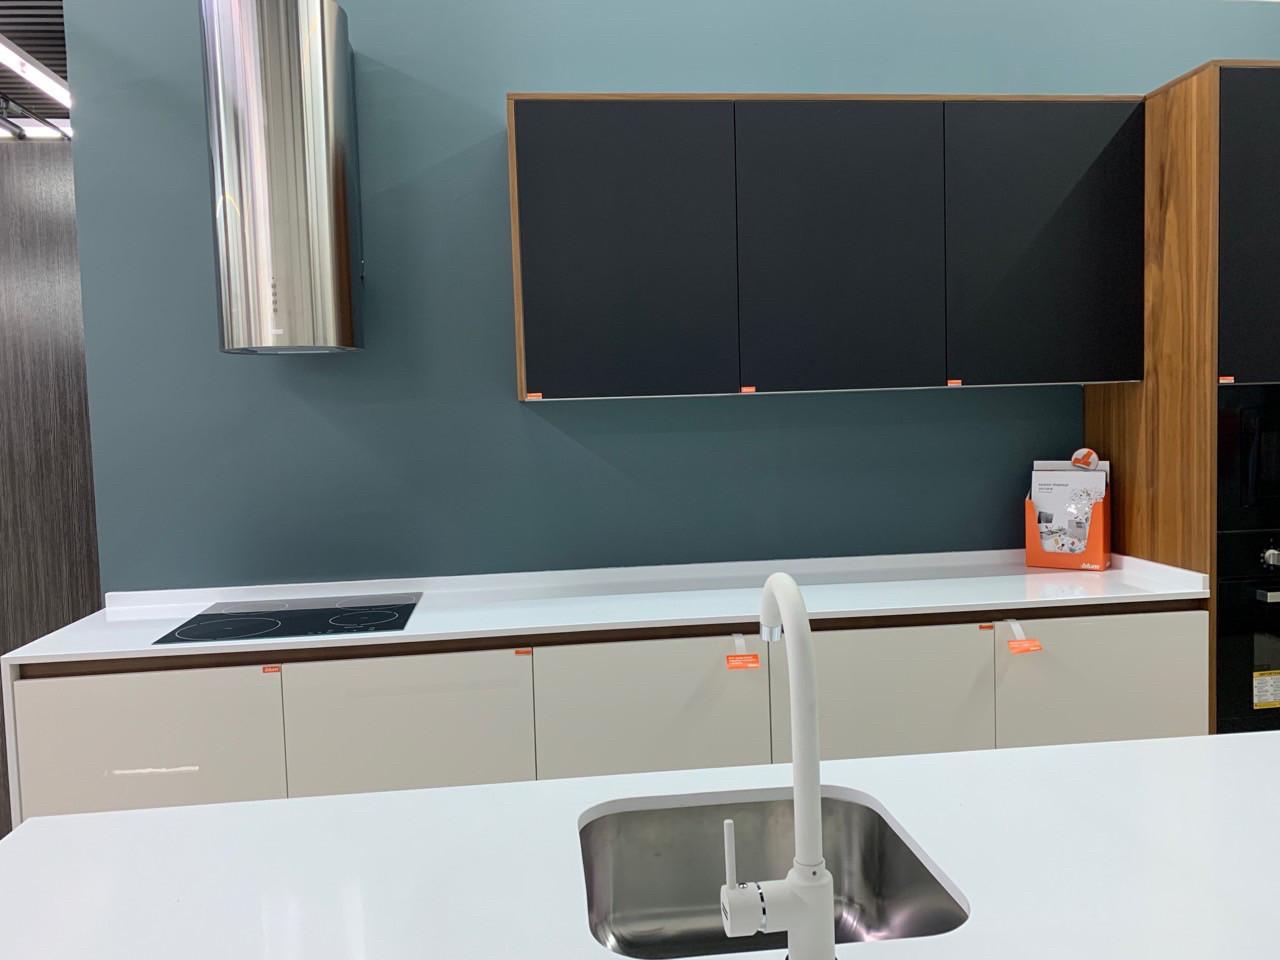 Кухня на заказ фасад акрил + феникс кухня без ручек. механизм на холодильник с нажатием для открытия